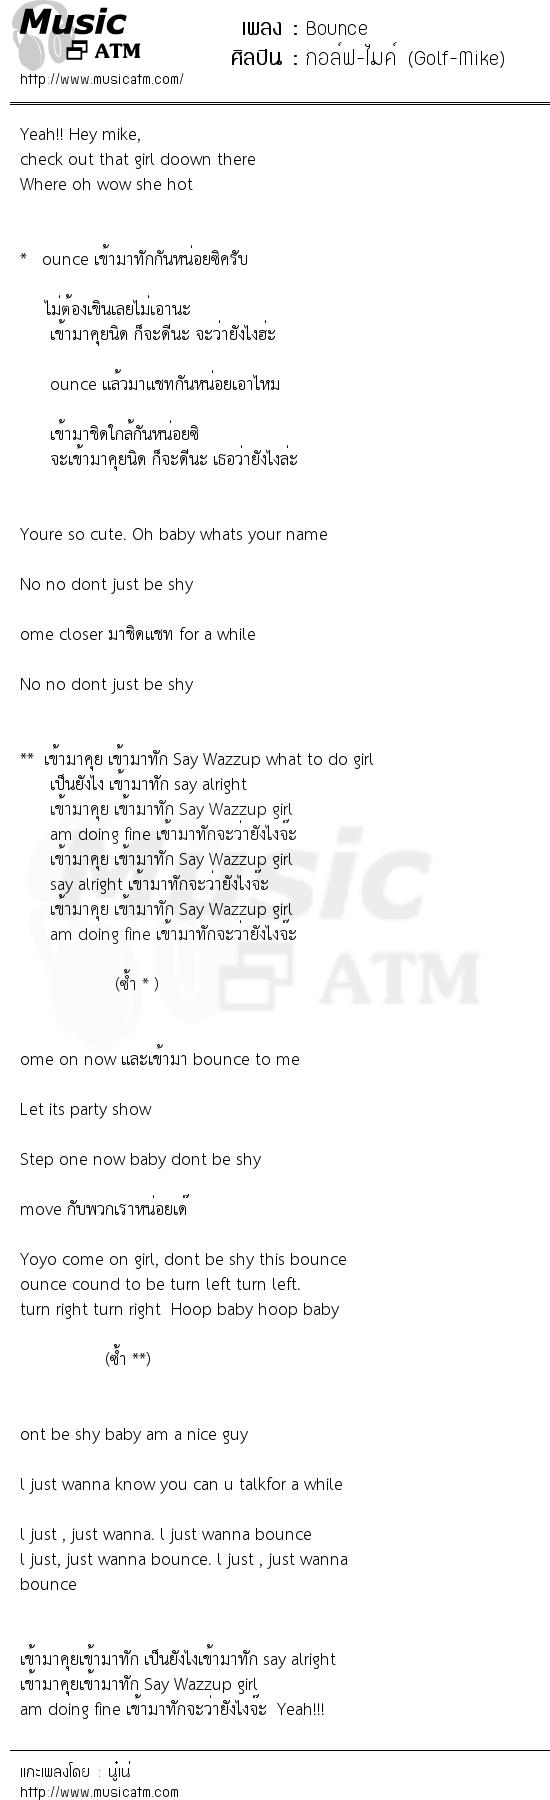 เนื้อเพลง Bounce - กอล์ฟ-ไมค์ (Golf-Mike) | เพลงไทย